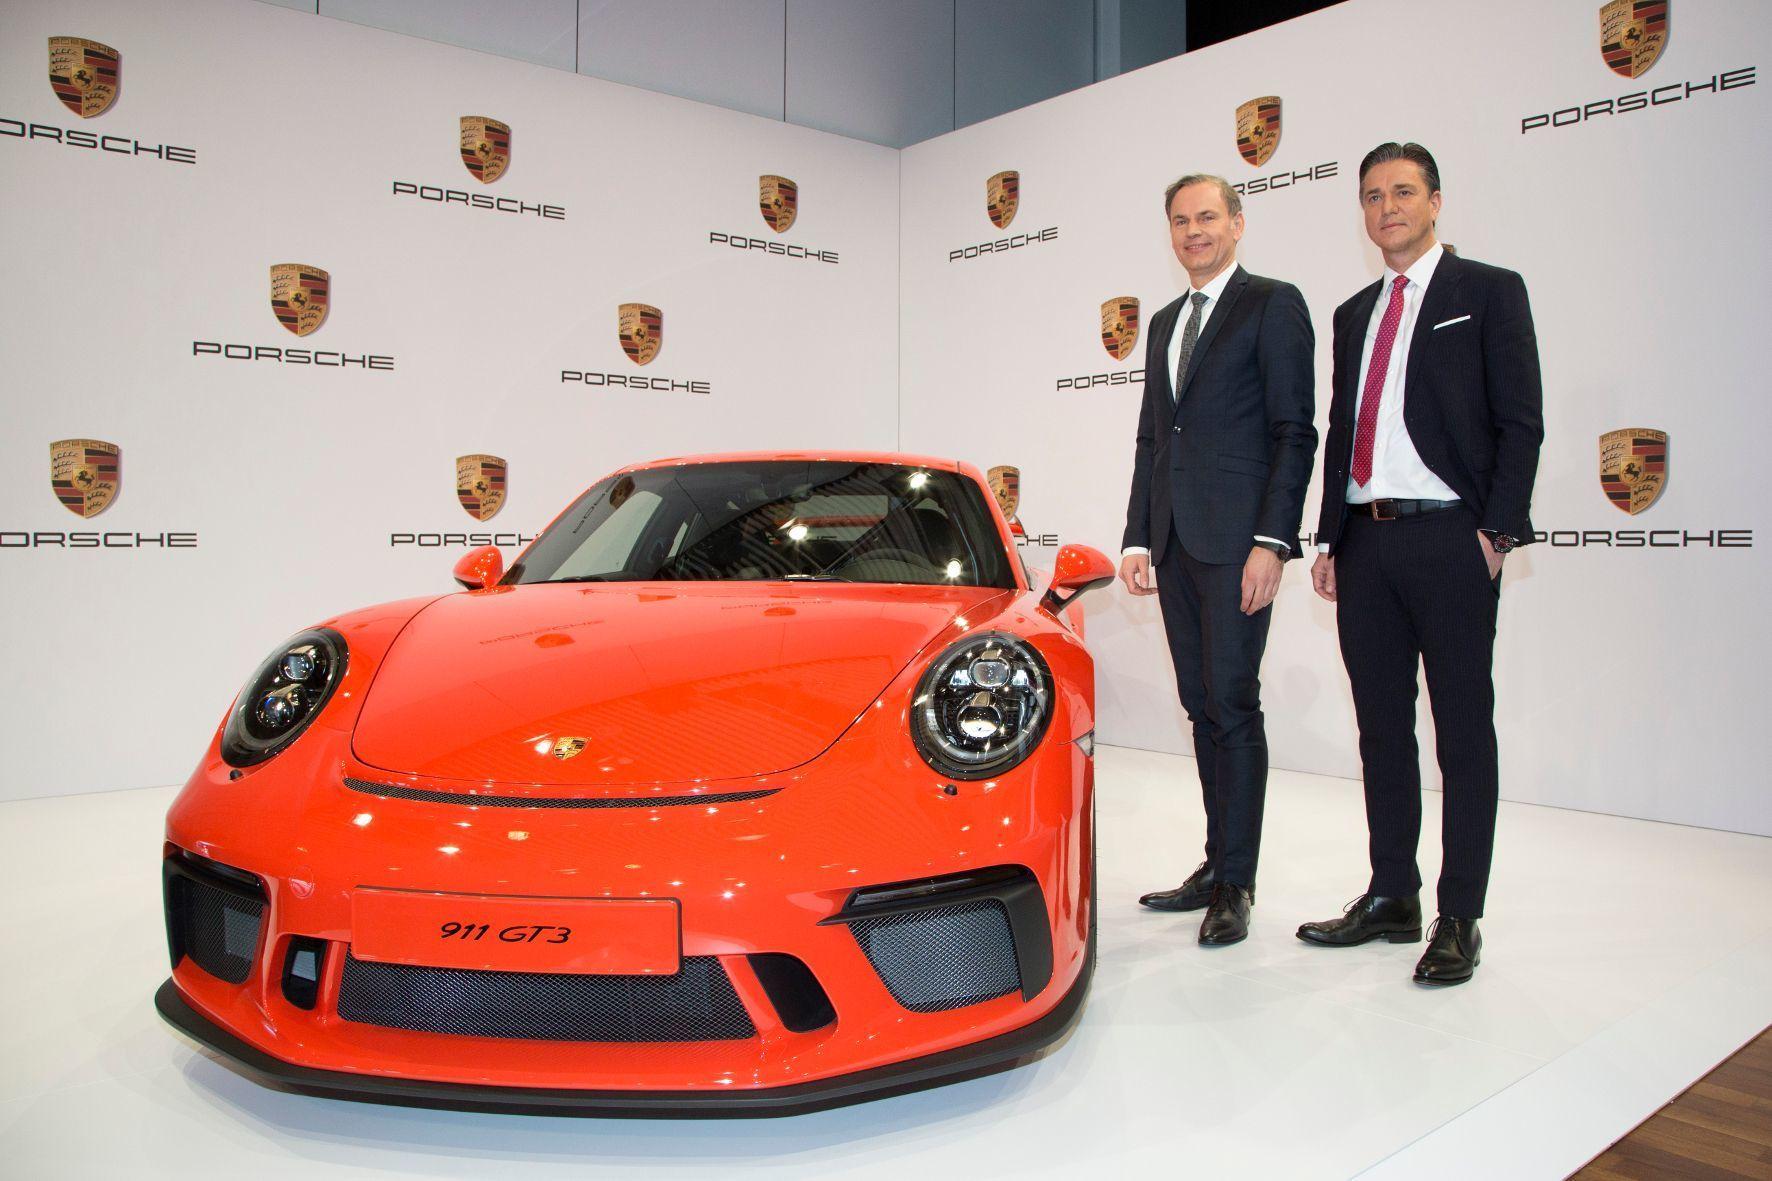 mid Groß-Gerau - Oliver Blume, Vorstandsvorsitzender von Porsche (links), und Lutz Meschke, Vorstand Finanzen, belohnen die Mitarbeiter nach dem Rekordjahr 2016 mit einer Sonderprämie.